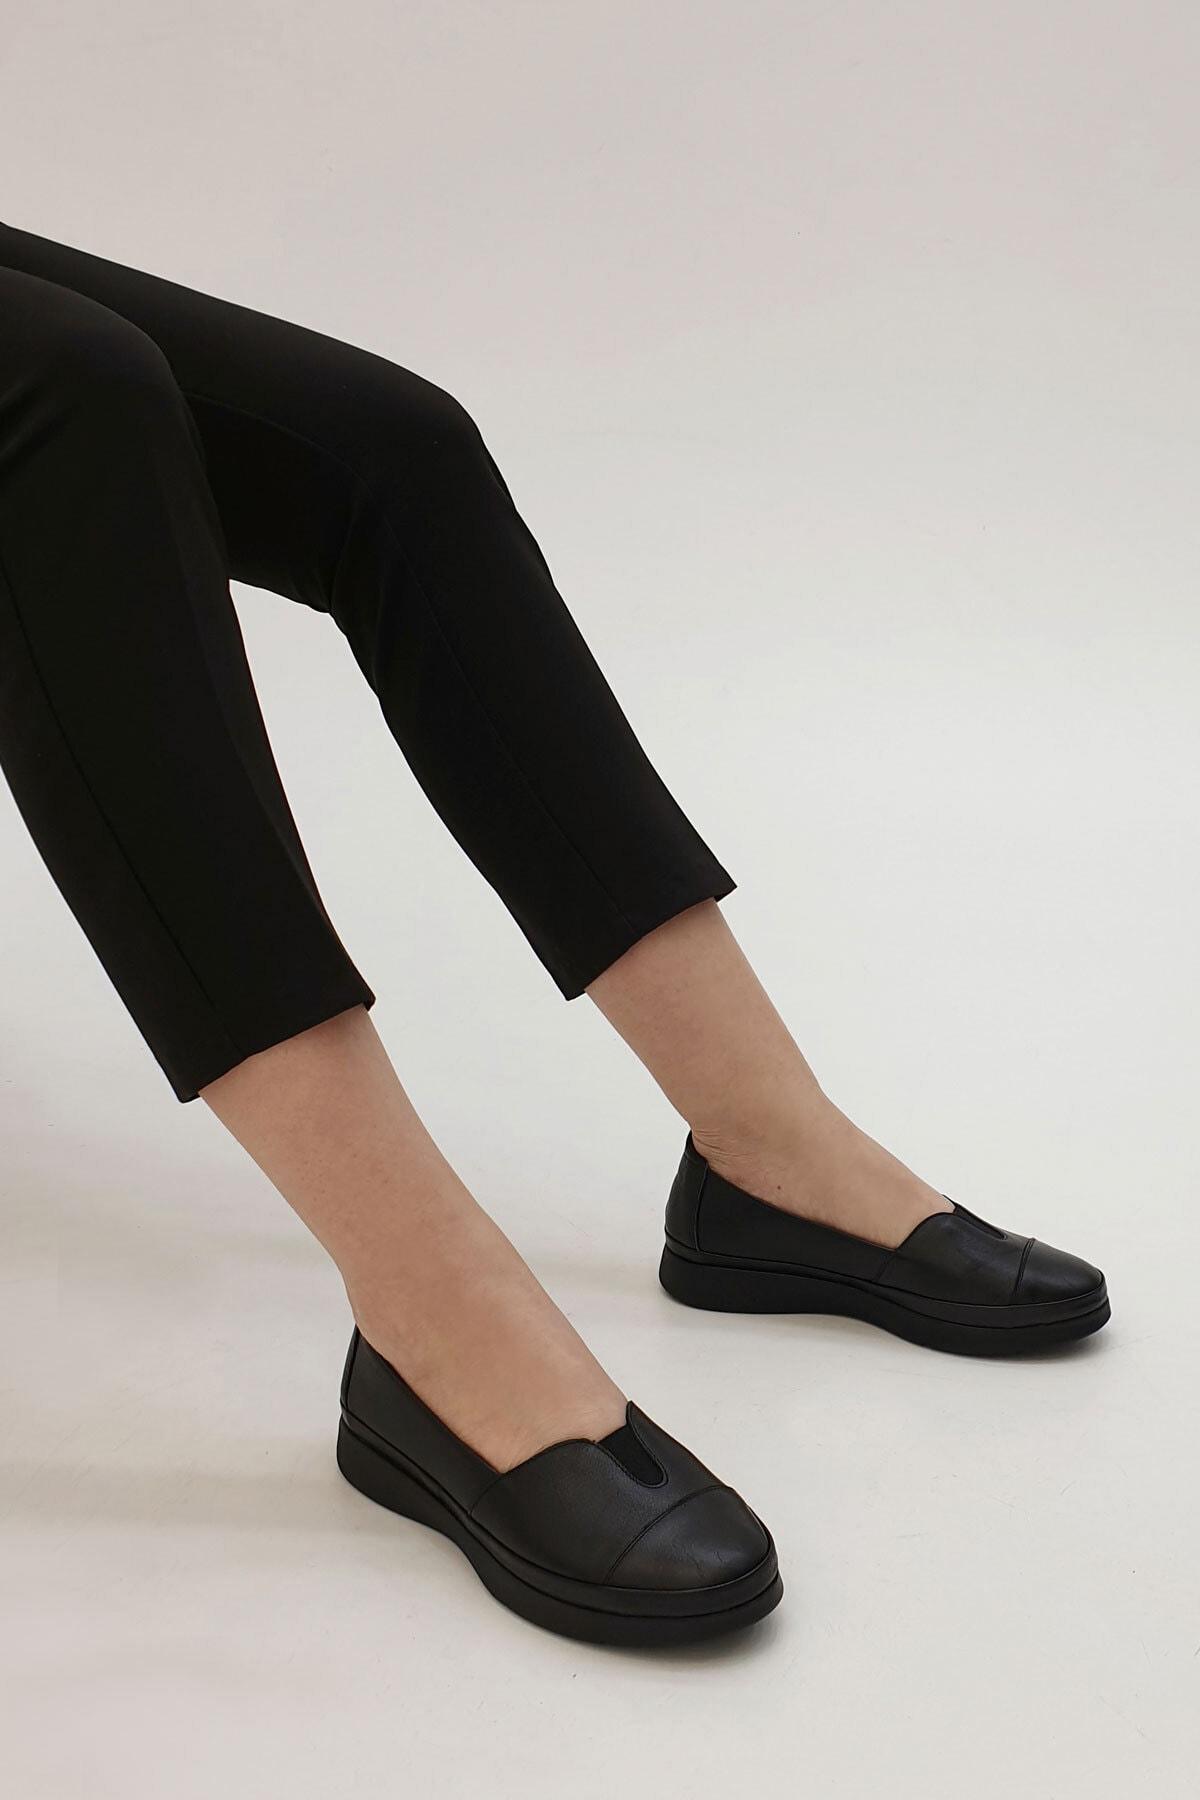 Marjin Kadın Siyah Hakiki Deri Comfort Ayakkabı Meyza 2